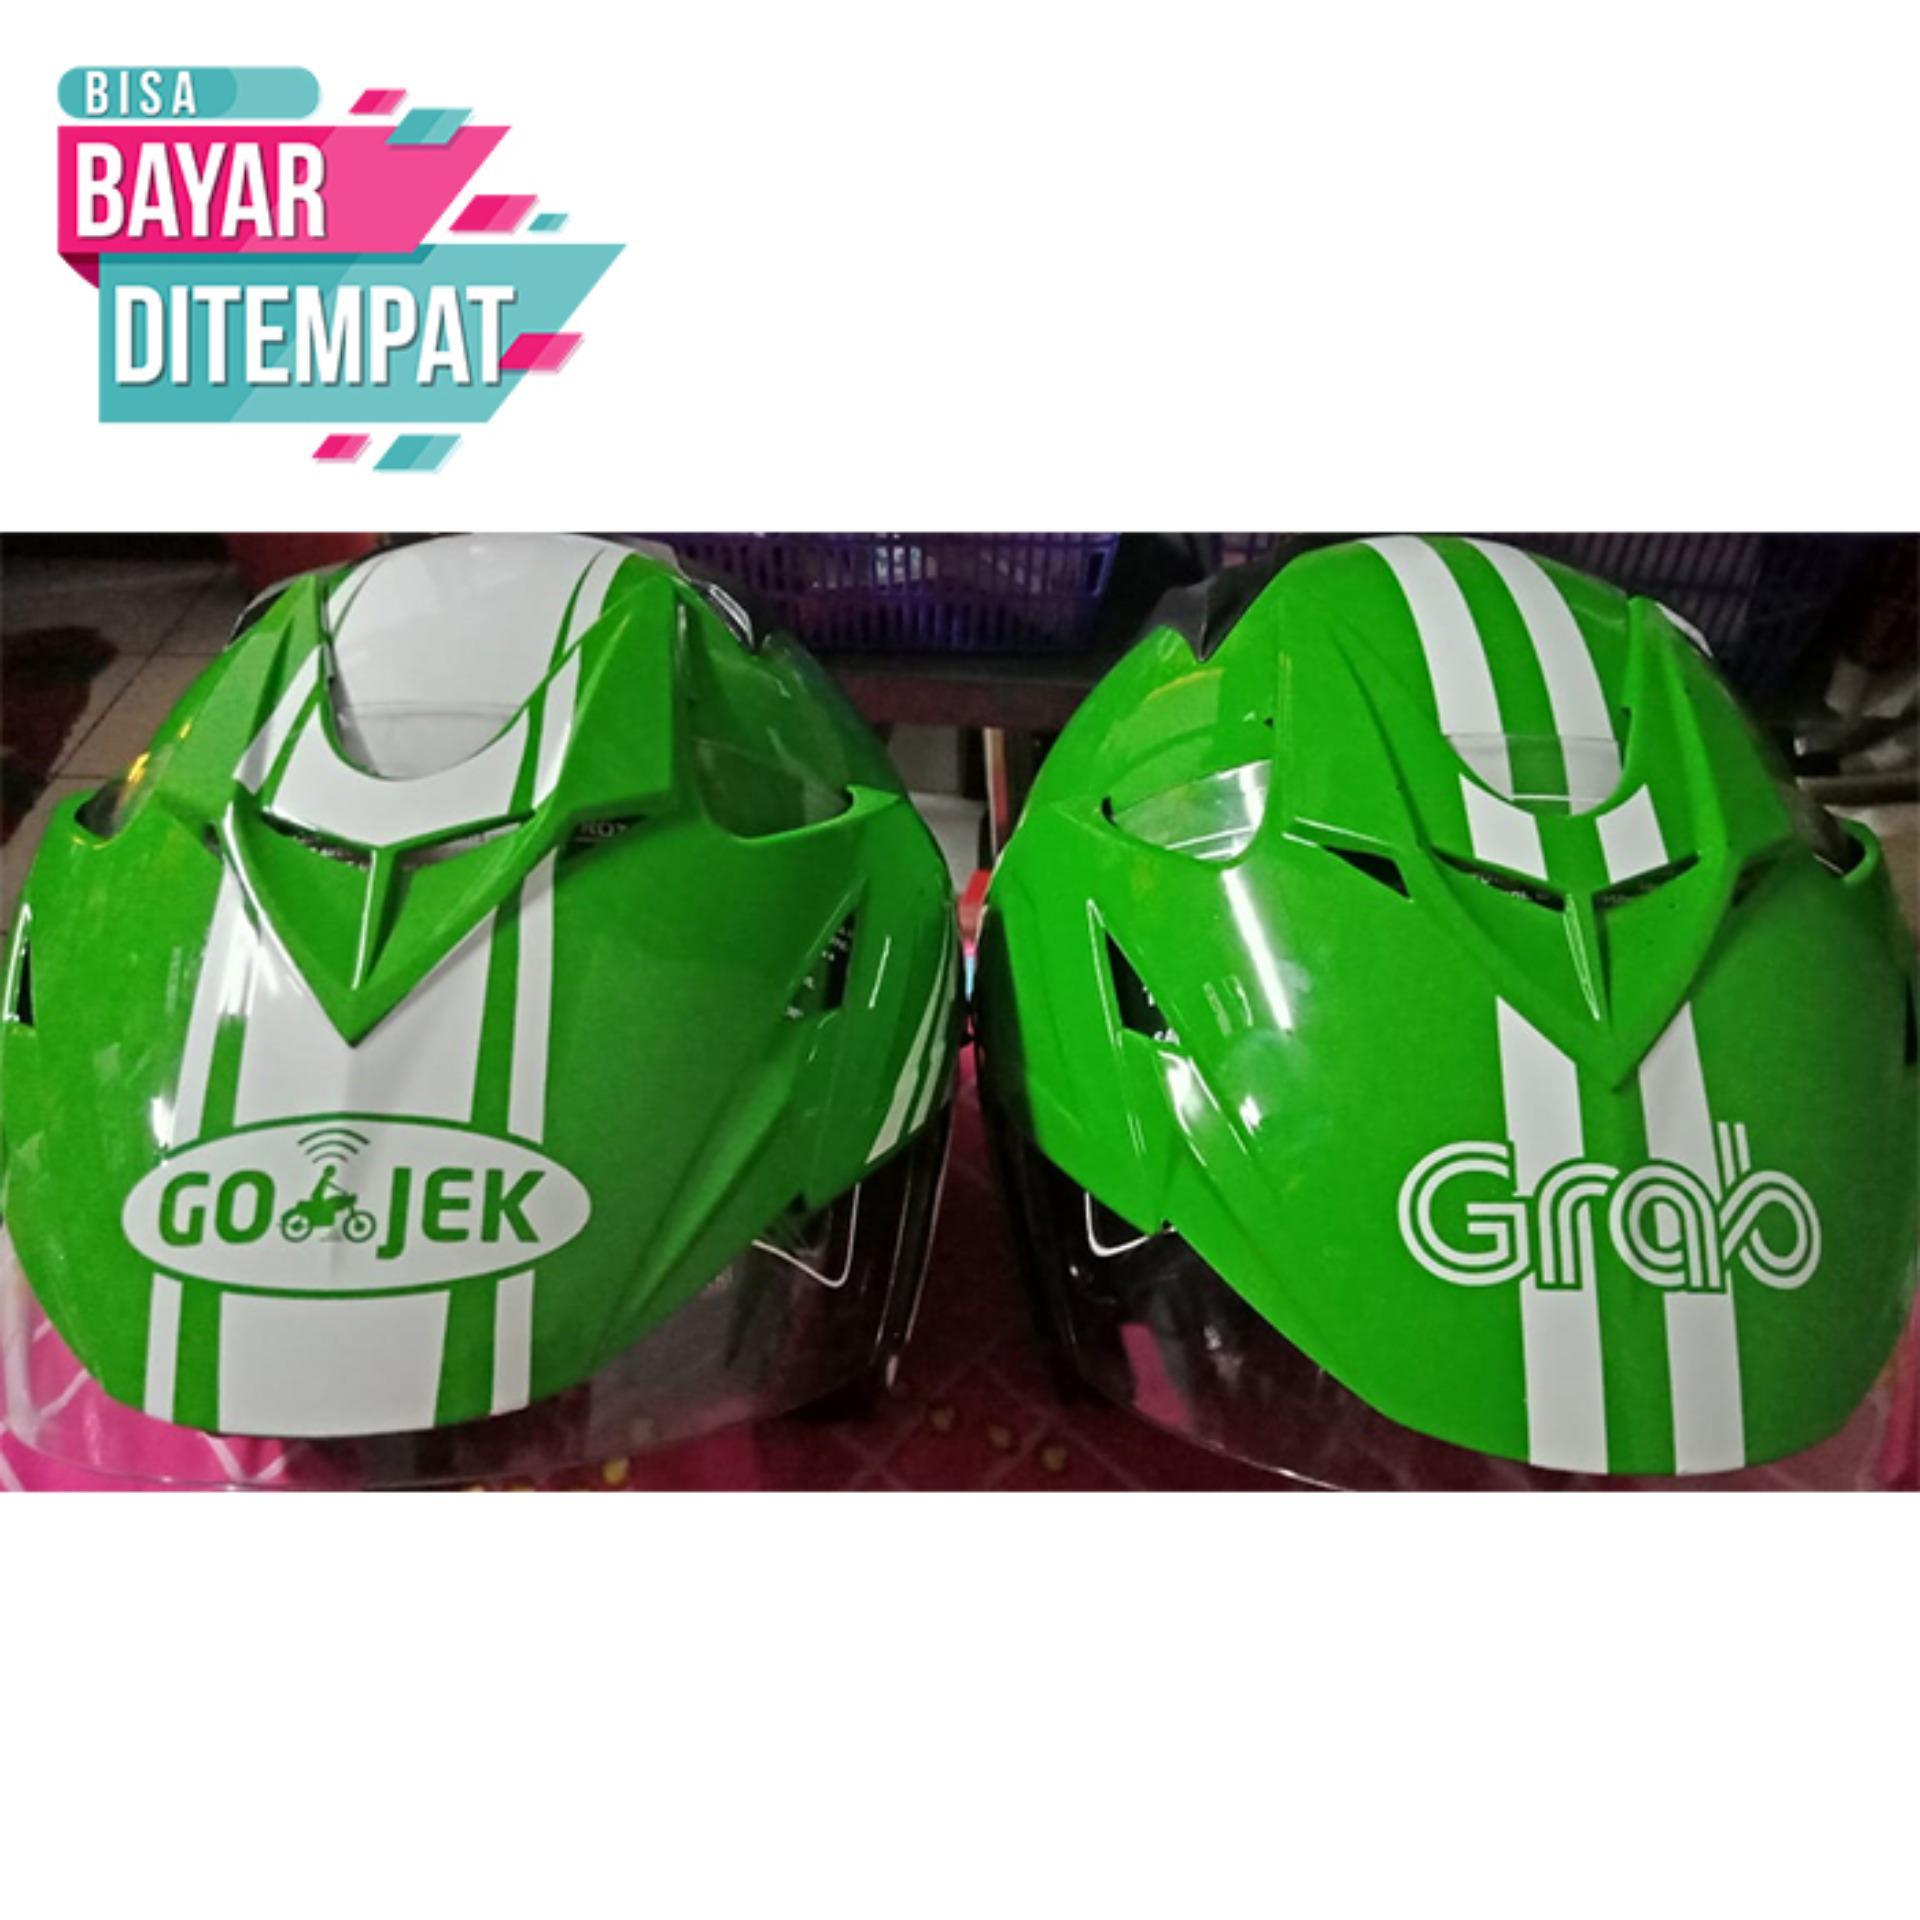 [Promo Best Seller] Helm Dewasa Ojek Online - GRAB Promo Kualitas Setara Helm KYT INK GM WTO MSR BMC NHK